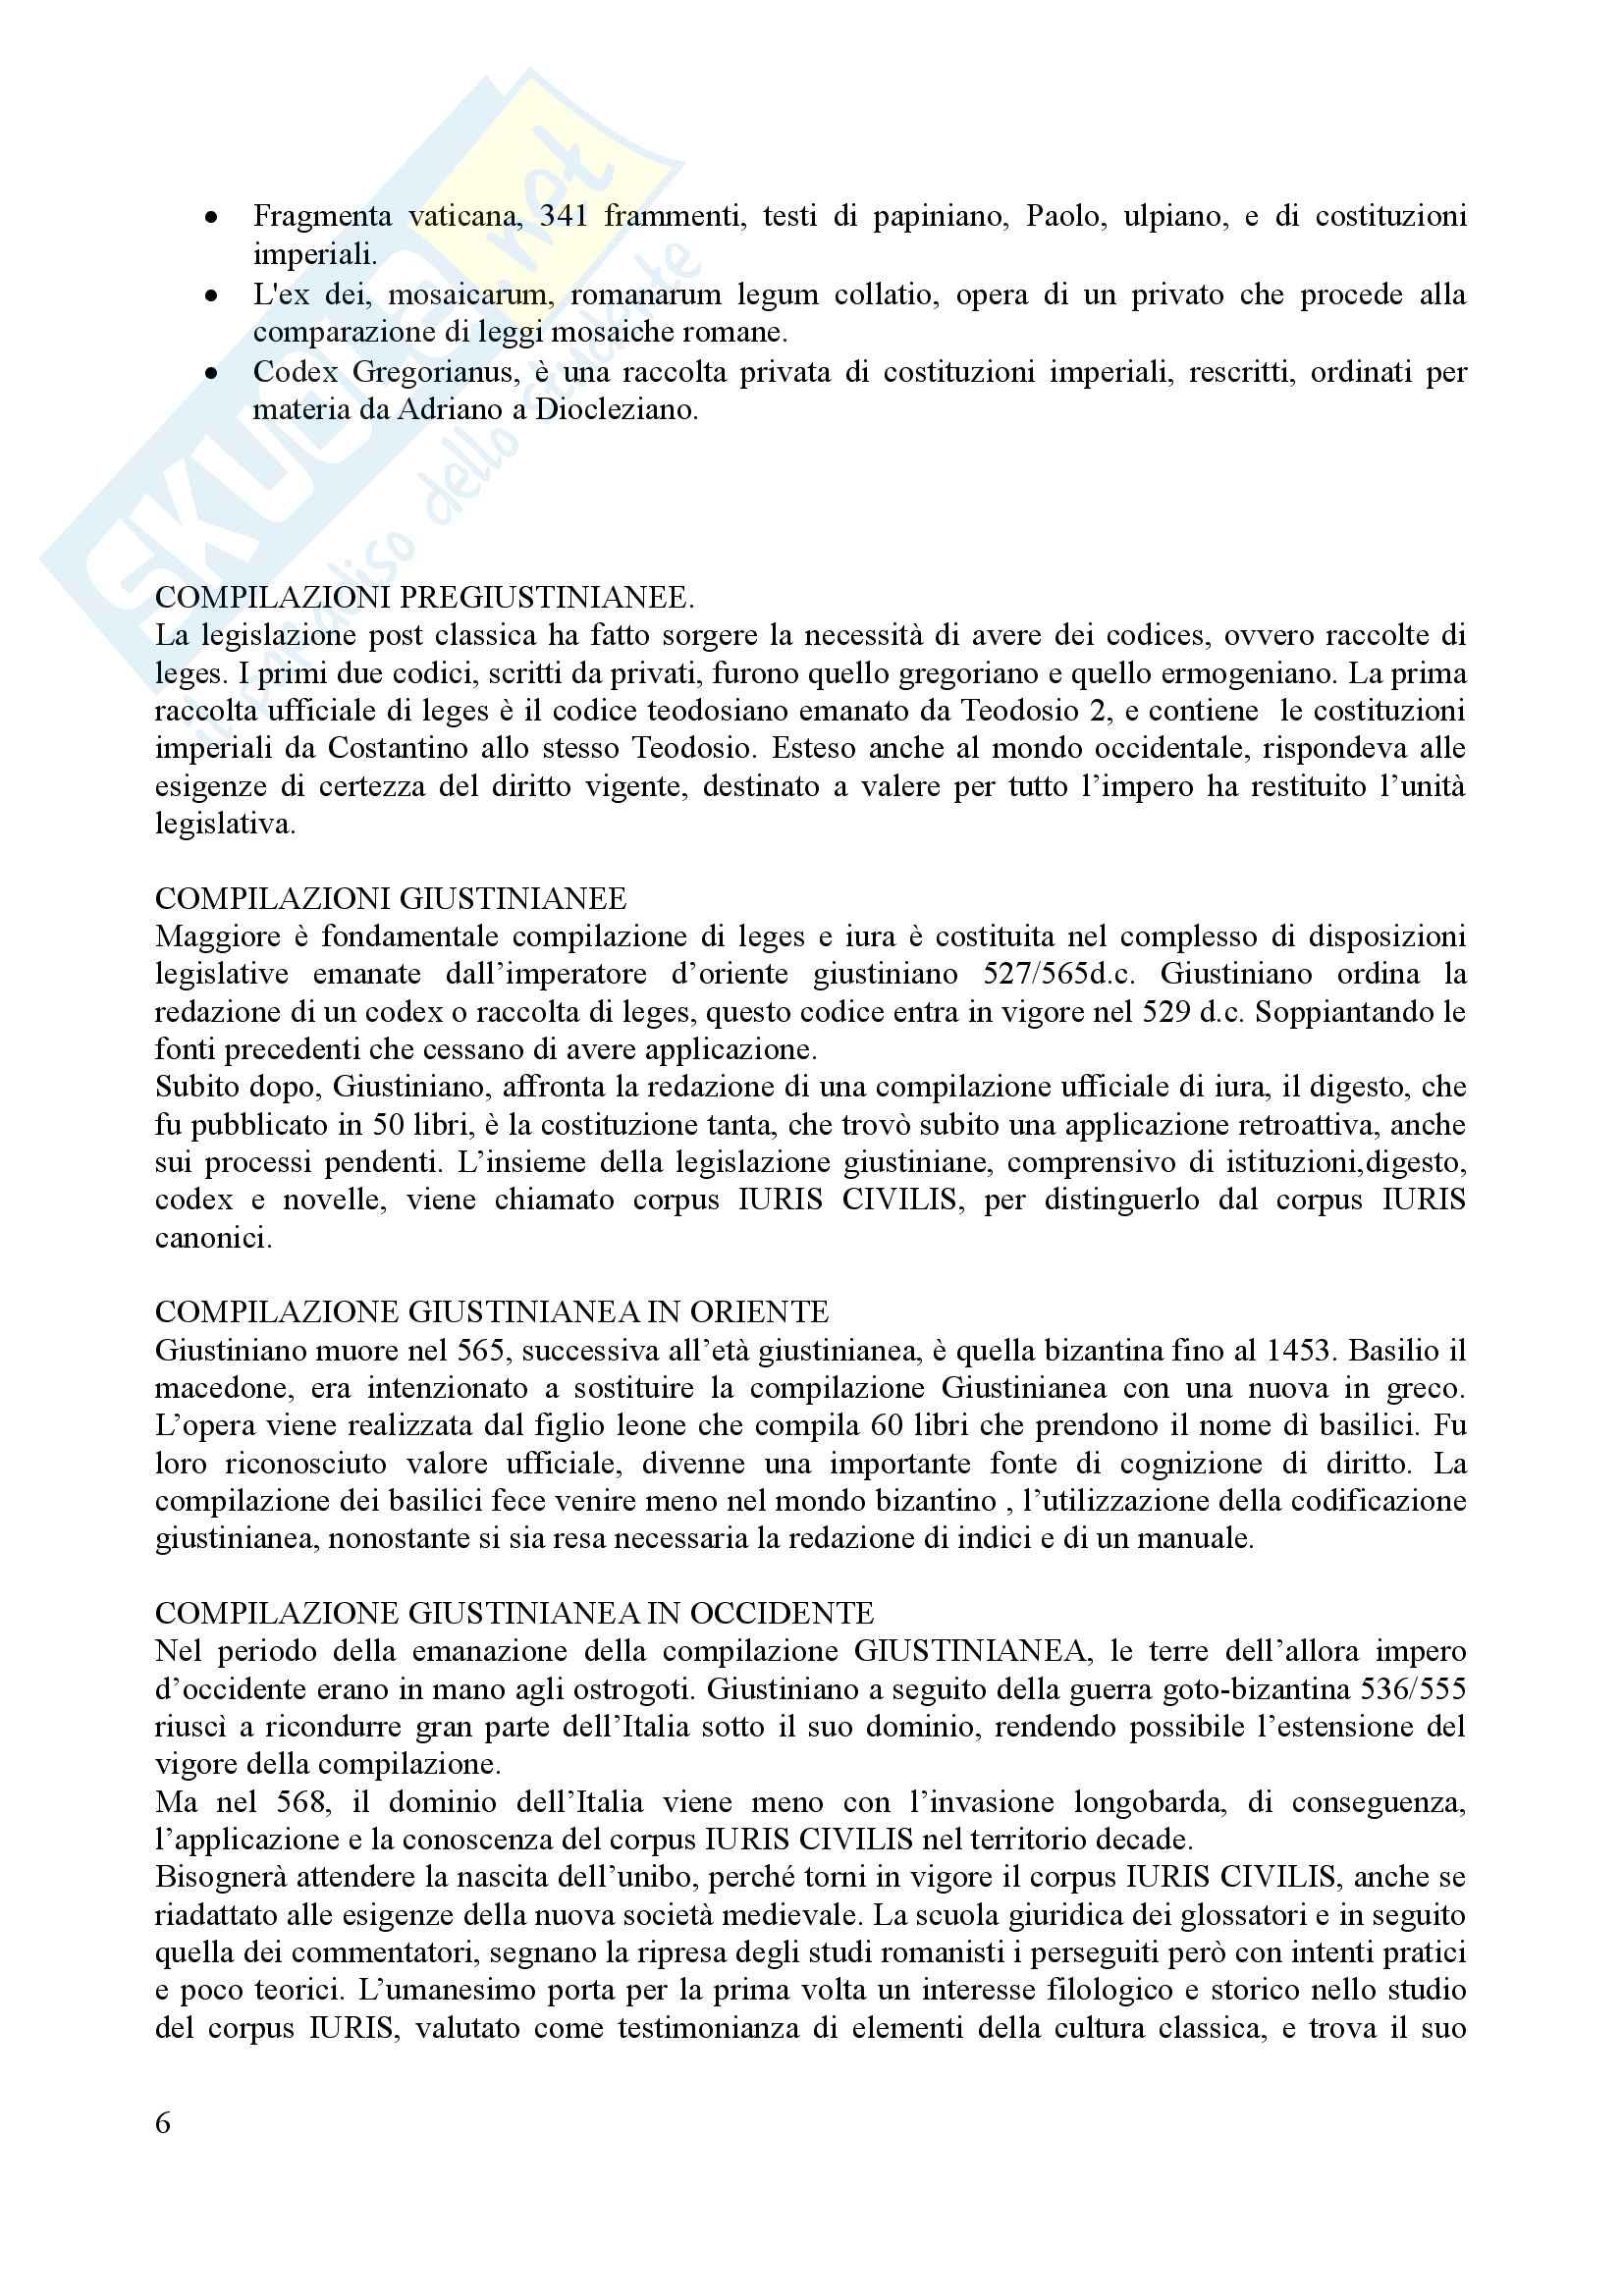 Riassunto per l'esame di istituzioni del diritto romano, prof. Dalla Massara Pag. 6